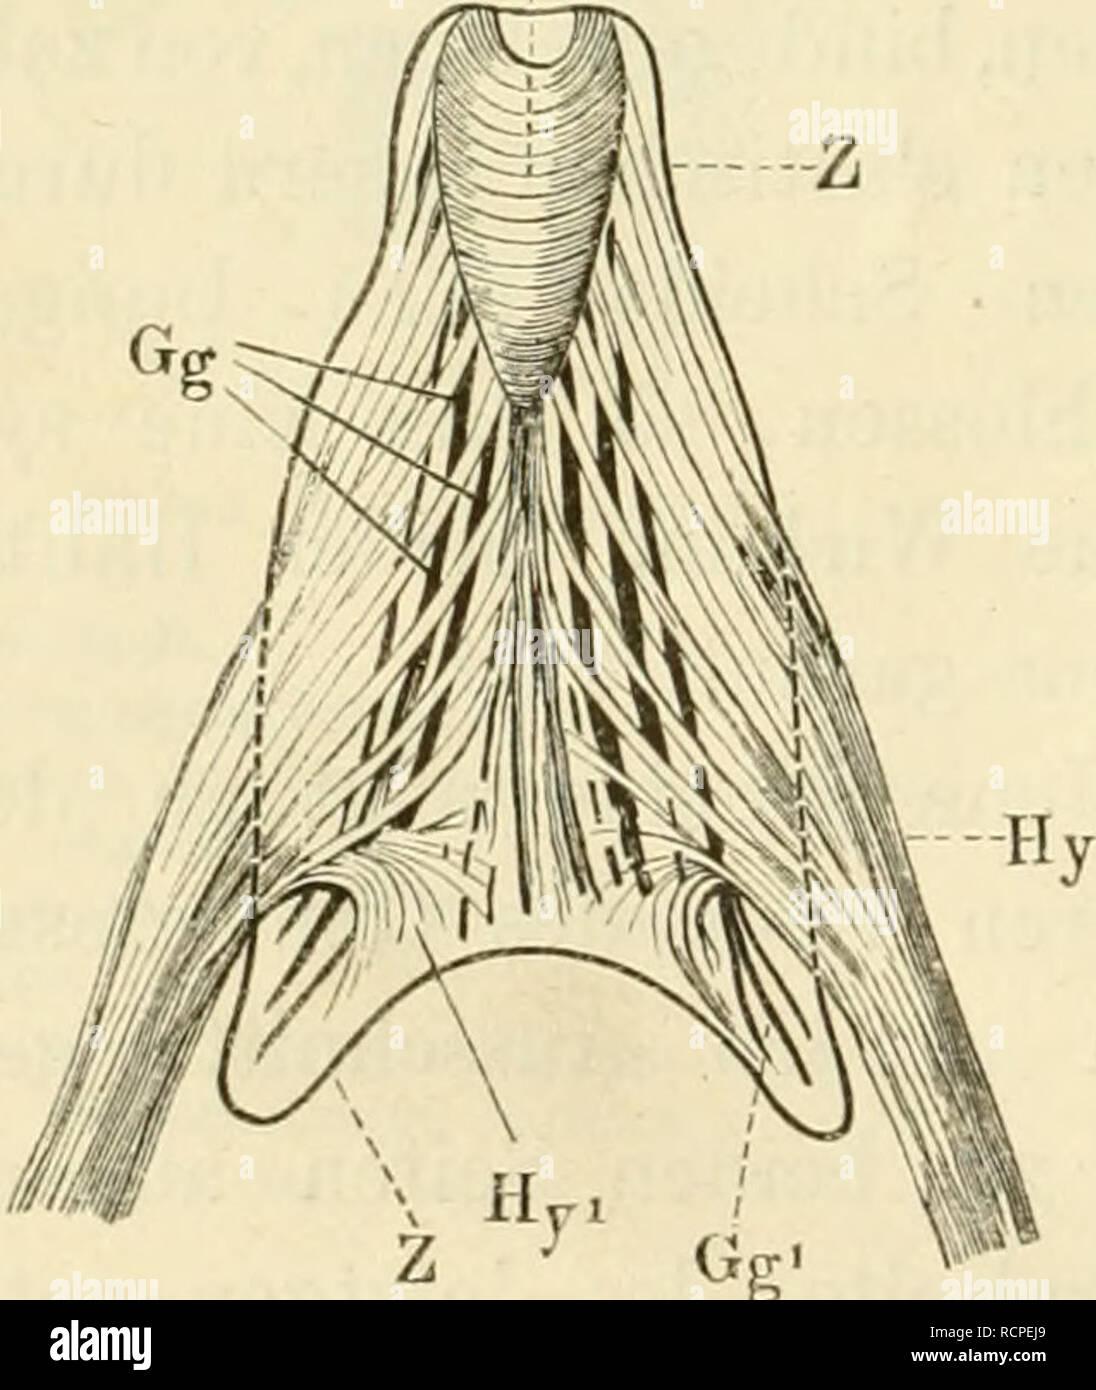 . Die anatomie des frosches. Ein handbuch für physiologen, ärzte und studirende. 10 Organe der Mundhöhle. sal- und zugleich medianwärts (Fig. 3, Cr), die andere tief, ventral und lateralwärts (Fig. 3, G1). Letztere Portion strahlt in sagittaler oder doch nur sehr massig schiefer Richtung, als dünner Muskelfächer, nach rückwärts in die Mucosa oris aus und inserirt sich nirgends an Skelettheilen. Erstere dagegen erzeugt mit ihrem Gegenstück bogige Commissu- ren, welche sich in Form von immer kleiner werdenden Ringtouren (so nehmen sie sich wenigstens bei ventraler Ansicht aus) bis nach rück- w - Stock Image